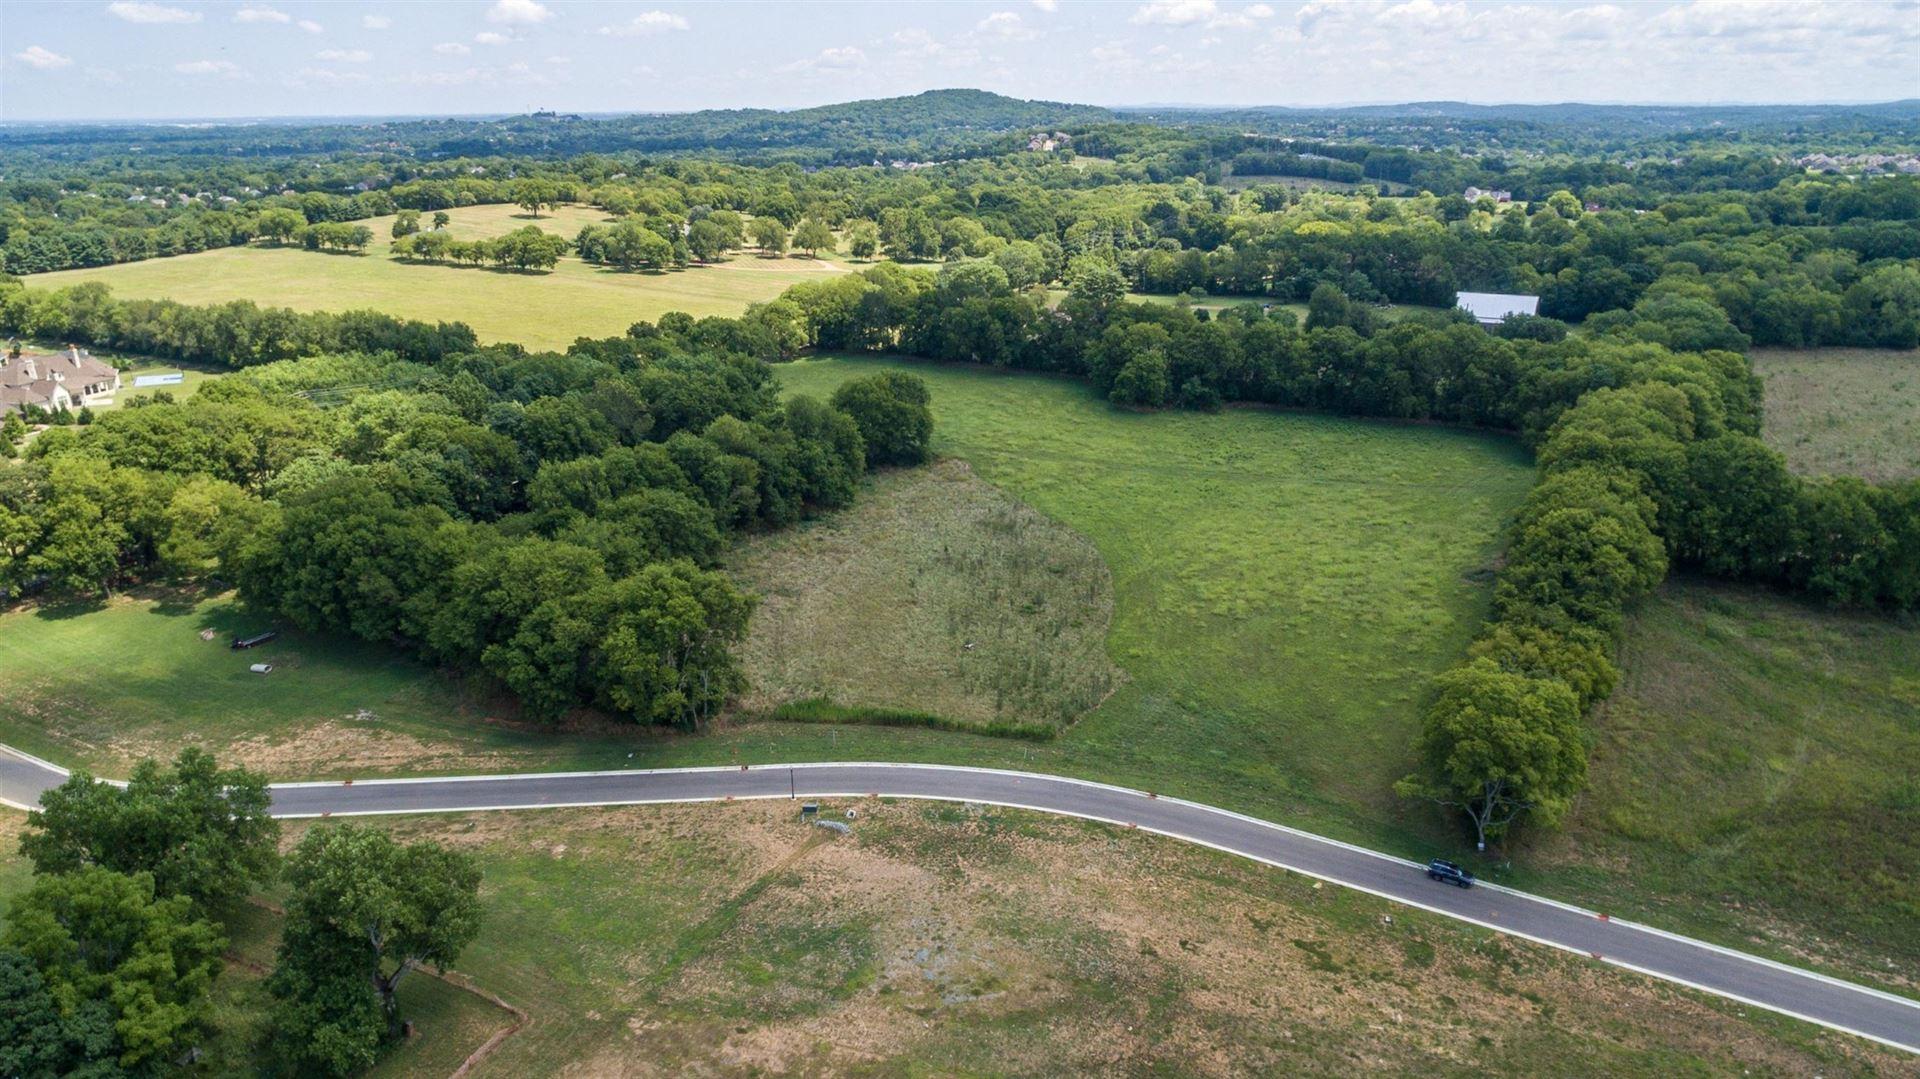 Photo of 500 Stella Vista Pvt Ct, Brentwood, TN 37027 (MLS # 2287858)